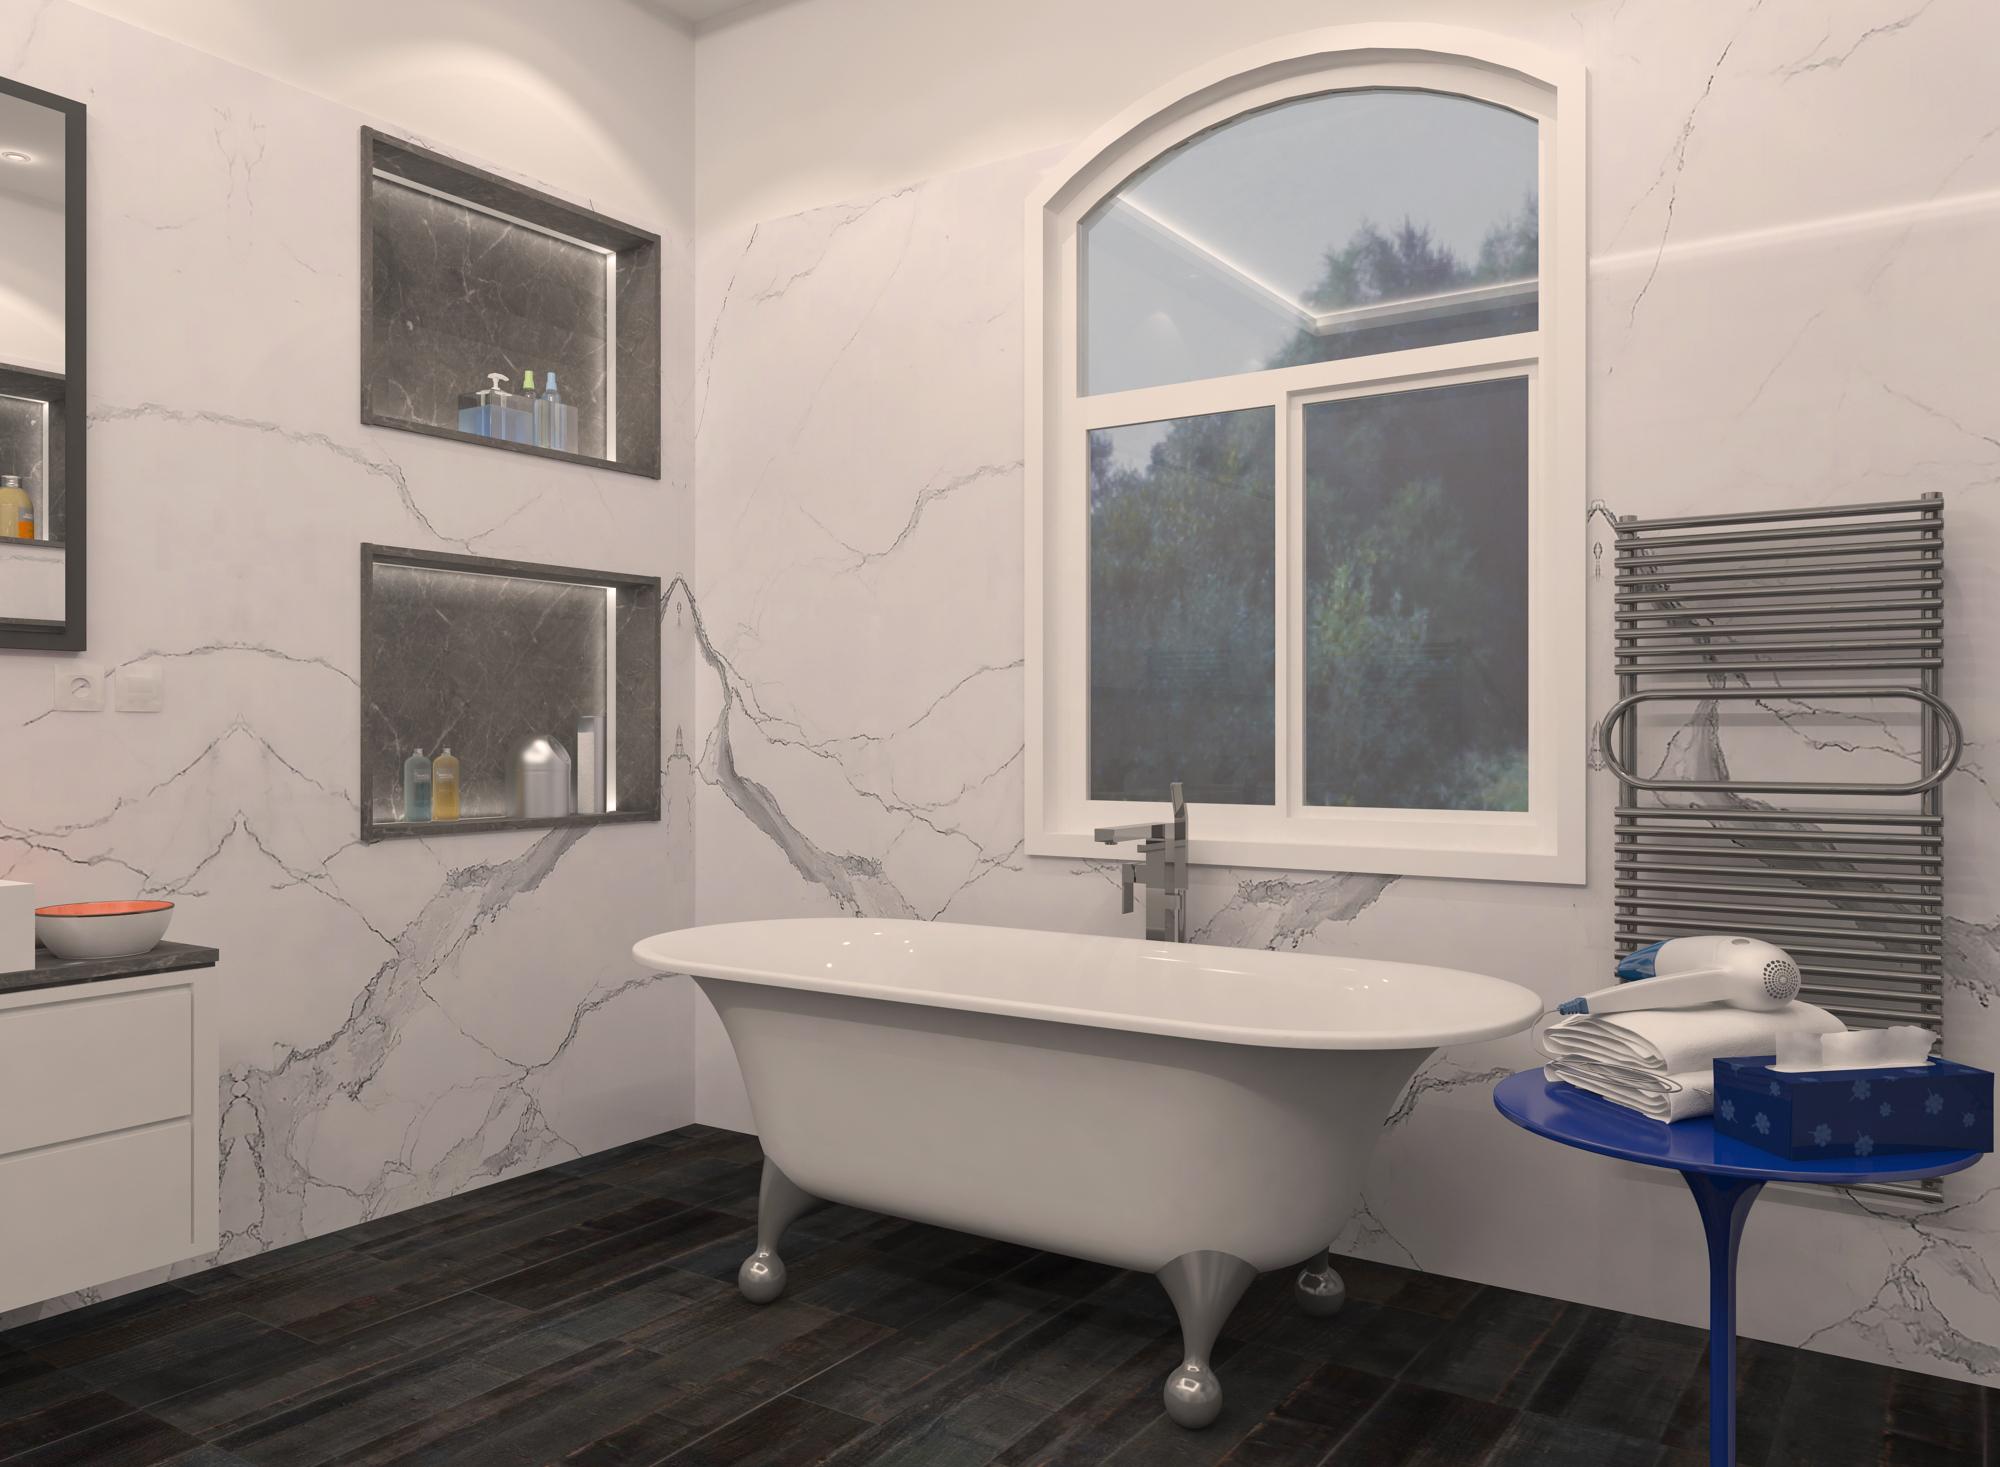 bath J 3 test 10 tweaked